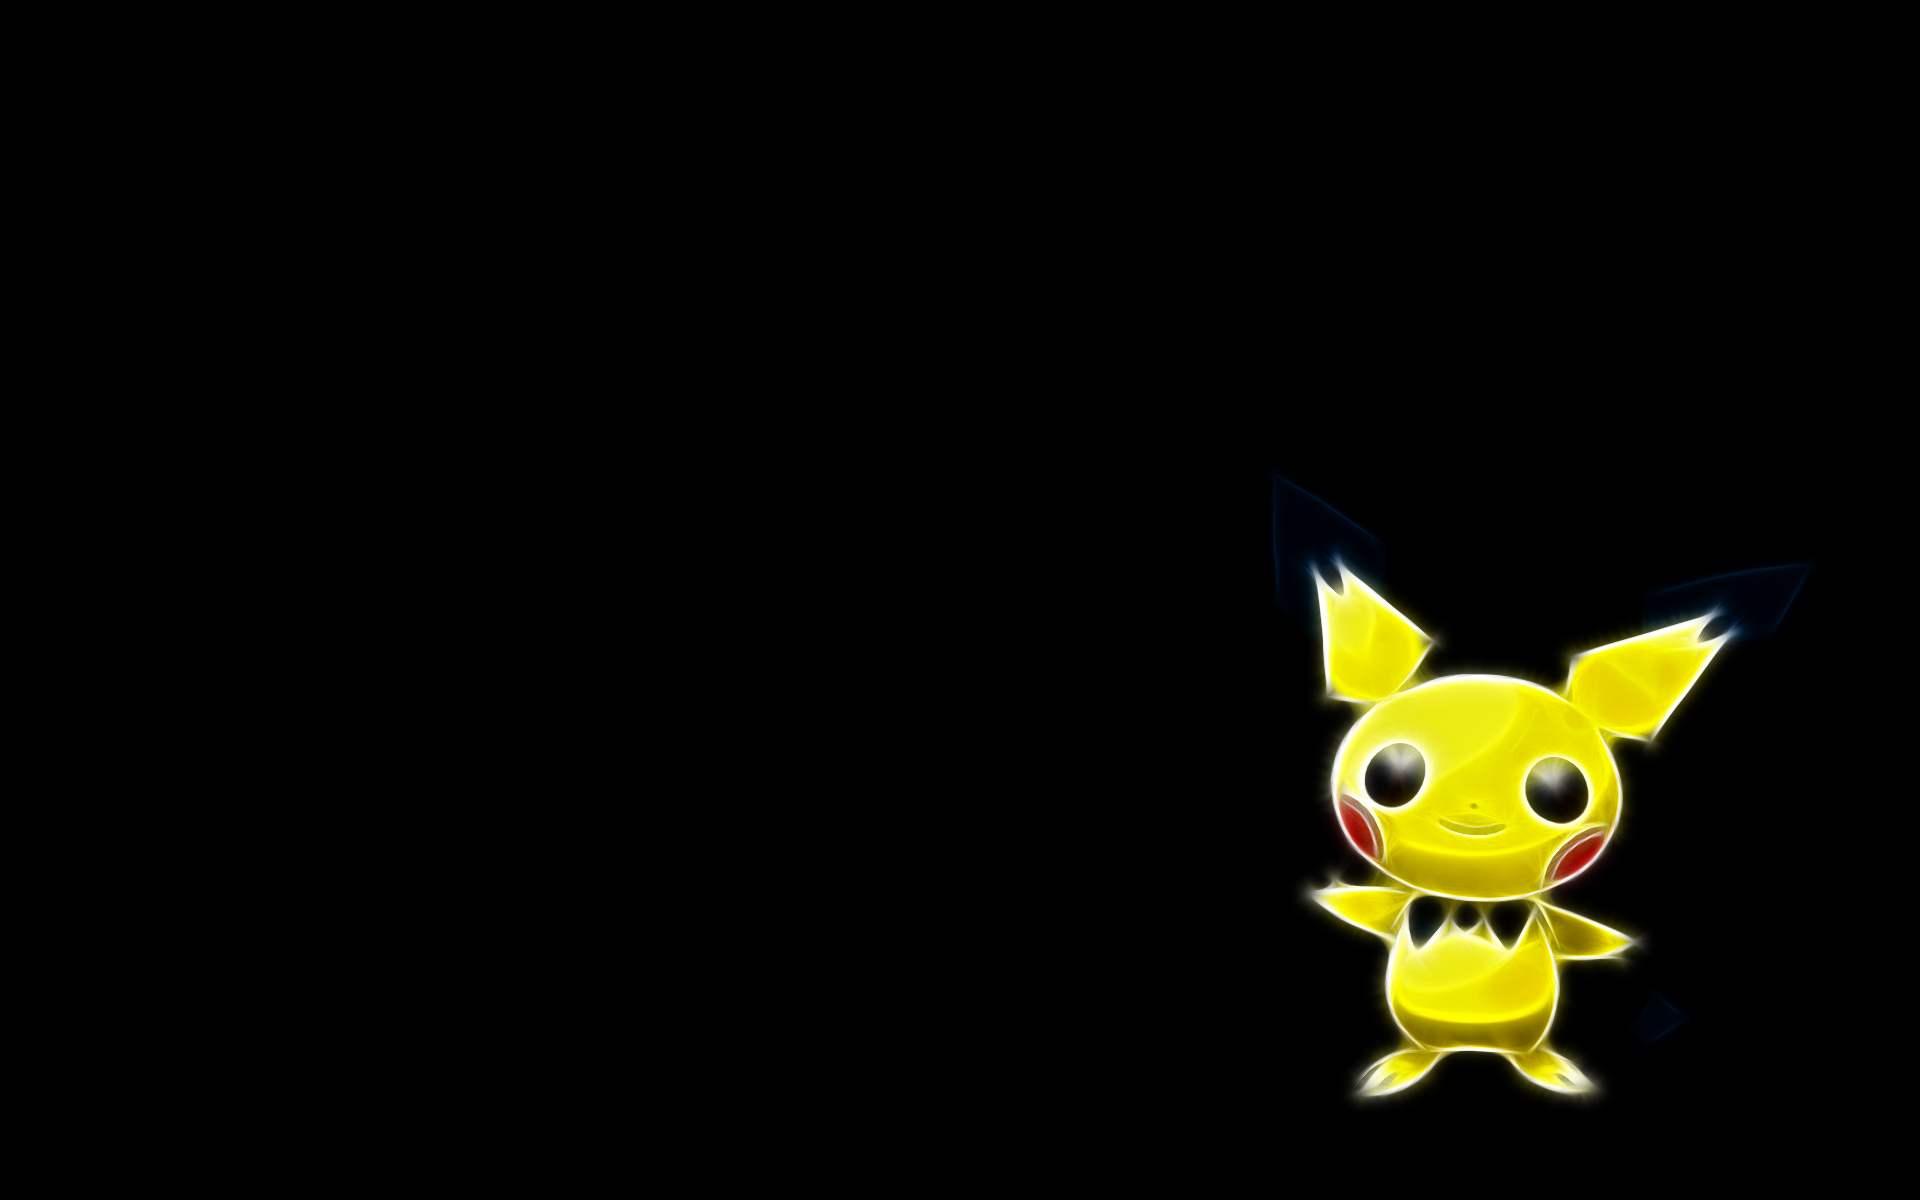 Pichu Pokemon Wallpaper 1920x1200